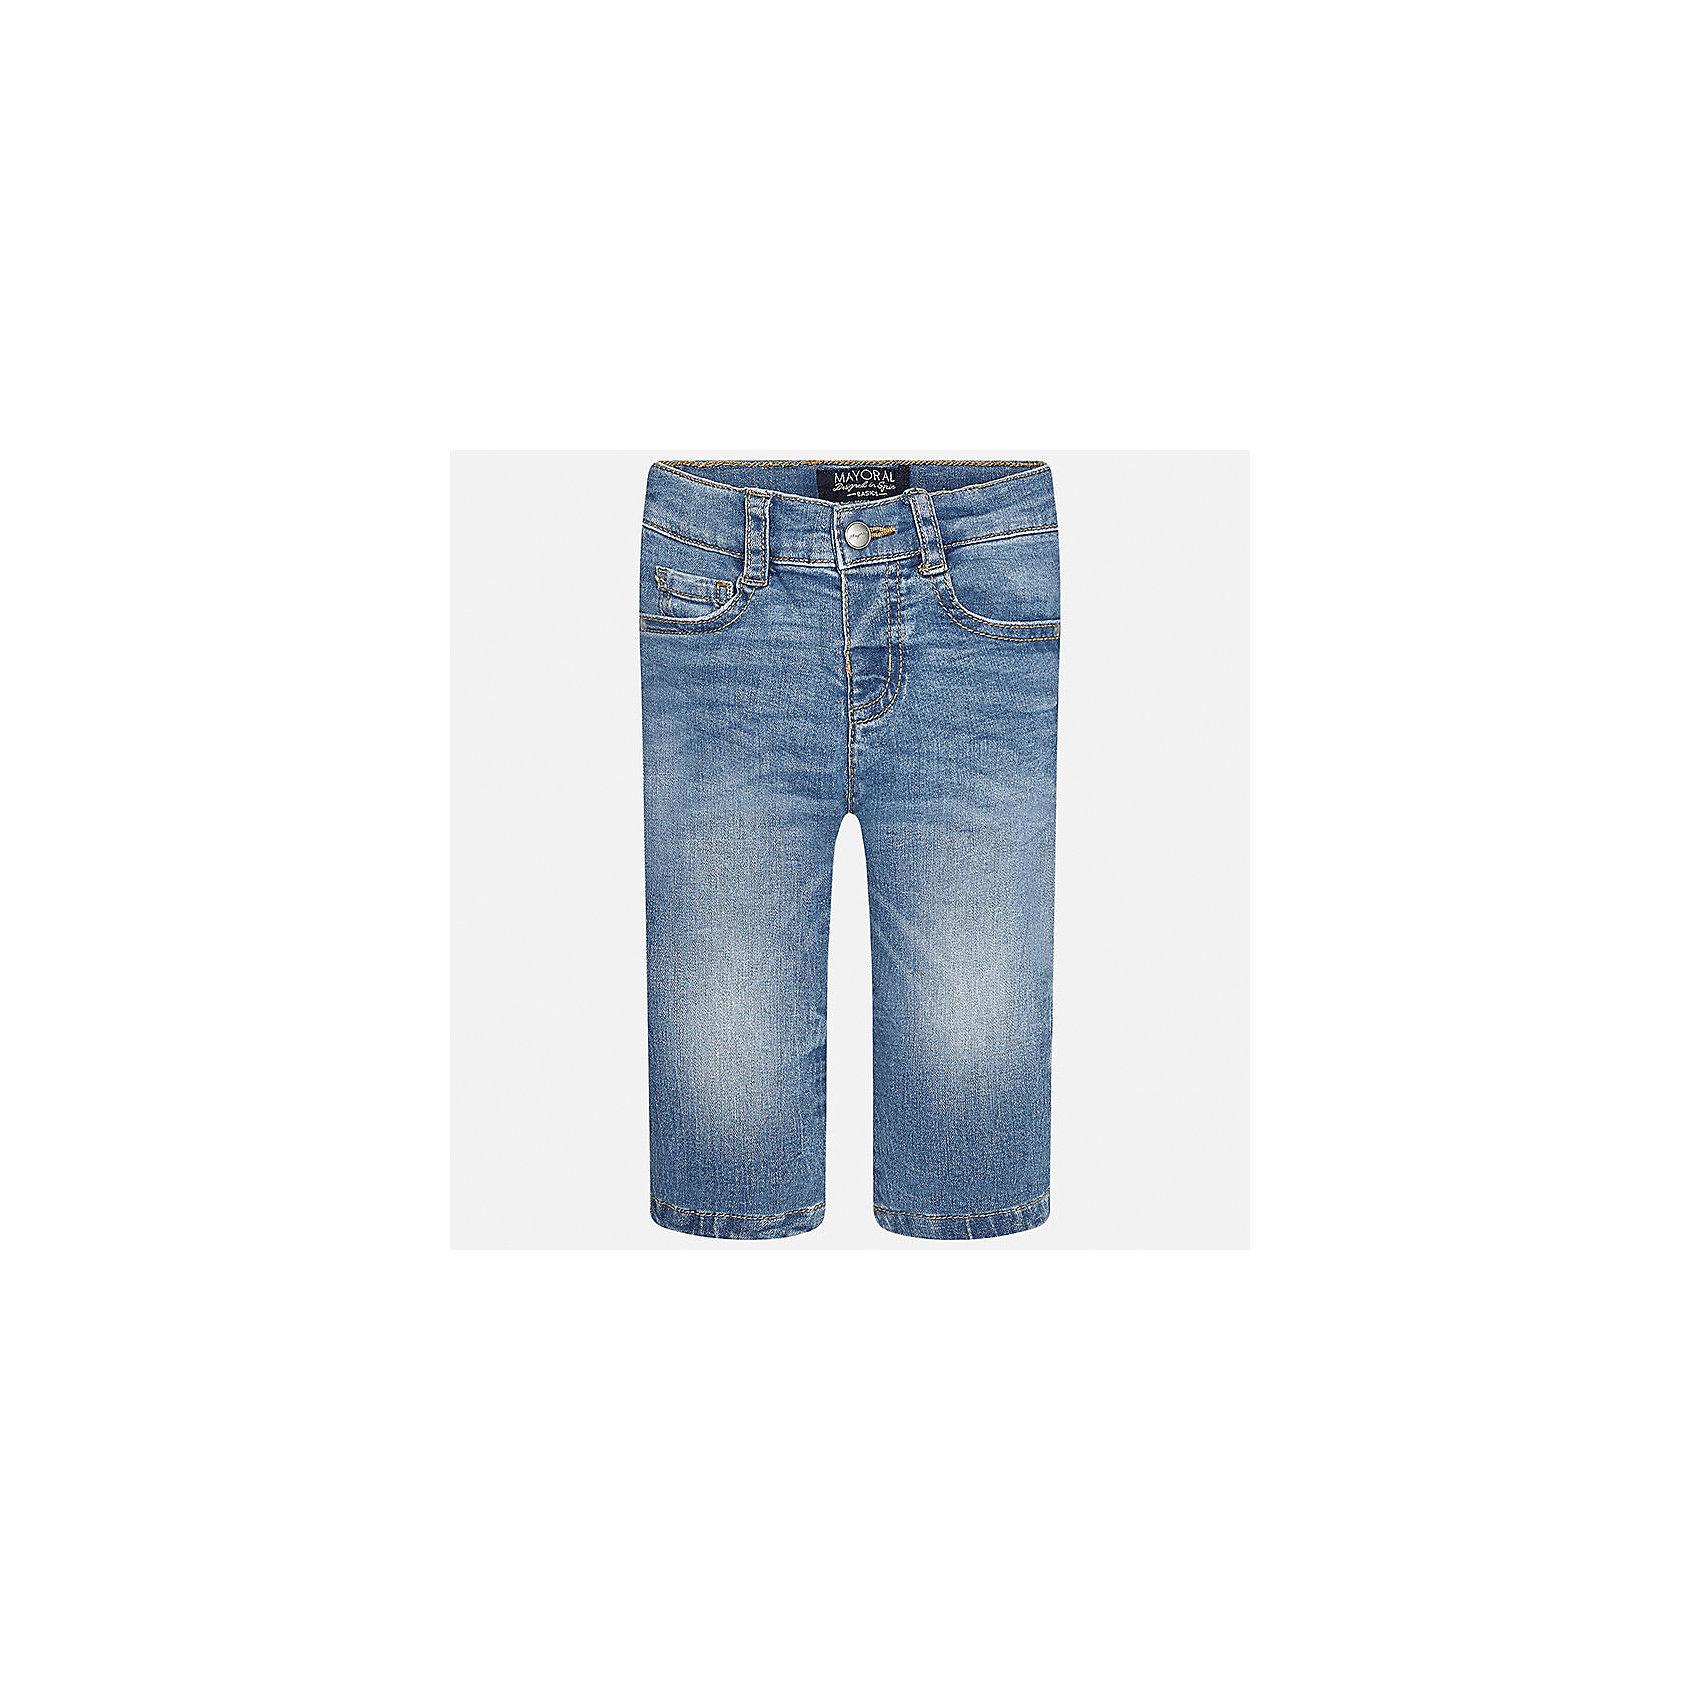 Джинсы для мальчика MayoralДжинсовая одежда<br>Характеристики товара:<br><br>• цвет: синий<br>• состав: 99% хлопок, 1% эластан<br>• имитация потертостей<br>• шлевки<br>• карманы<br>• пояс с регулировкой объема<br>• классический силуэт<br>• страна бренда: Испания<br><br>Модные брюки для мальчика смогут стать базовой вещью в гардеробе ребенка. Они отлично сочетаются с майками, футболками, рубашками и т.д. Универсальный крой и цвет позволяет подобрать к вещи верх разных расцветок. Практичное и стильное изделие! В составе материала - натуральный хлопок, гипоаллергенный, приятный на ощупь, дышащий.<br><br>Одежда, обувь и аксессуары от испанского бренда Mayoral полюбились детям и взрослым по всему миру. Модели этой марки - стильные и удобные. Для их производства используются только безопасные, качественные материалы и фурнитура. Порадуйте ребенка модными и красивыми вещами от Mayoral! <br><br>Брюки для мальчика от испанского бренда Mayoral (Майорал) можно купить в нашем интернет-магазине.<br><br>Ширина мм: 215<br>Глубина мм: 88<br>Высота мм: 191<br>Вес г: 336<br>Цвет: синий<br>Возраст от месяцев: 12<br>Возраст до месяцев: 15<br>Пол: Мужской<br>Возраст: Детский<br>Размер: 80,92,86<br>SKU: 5277620